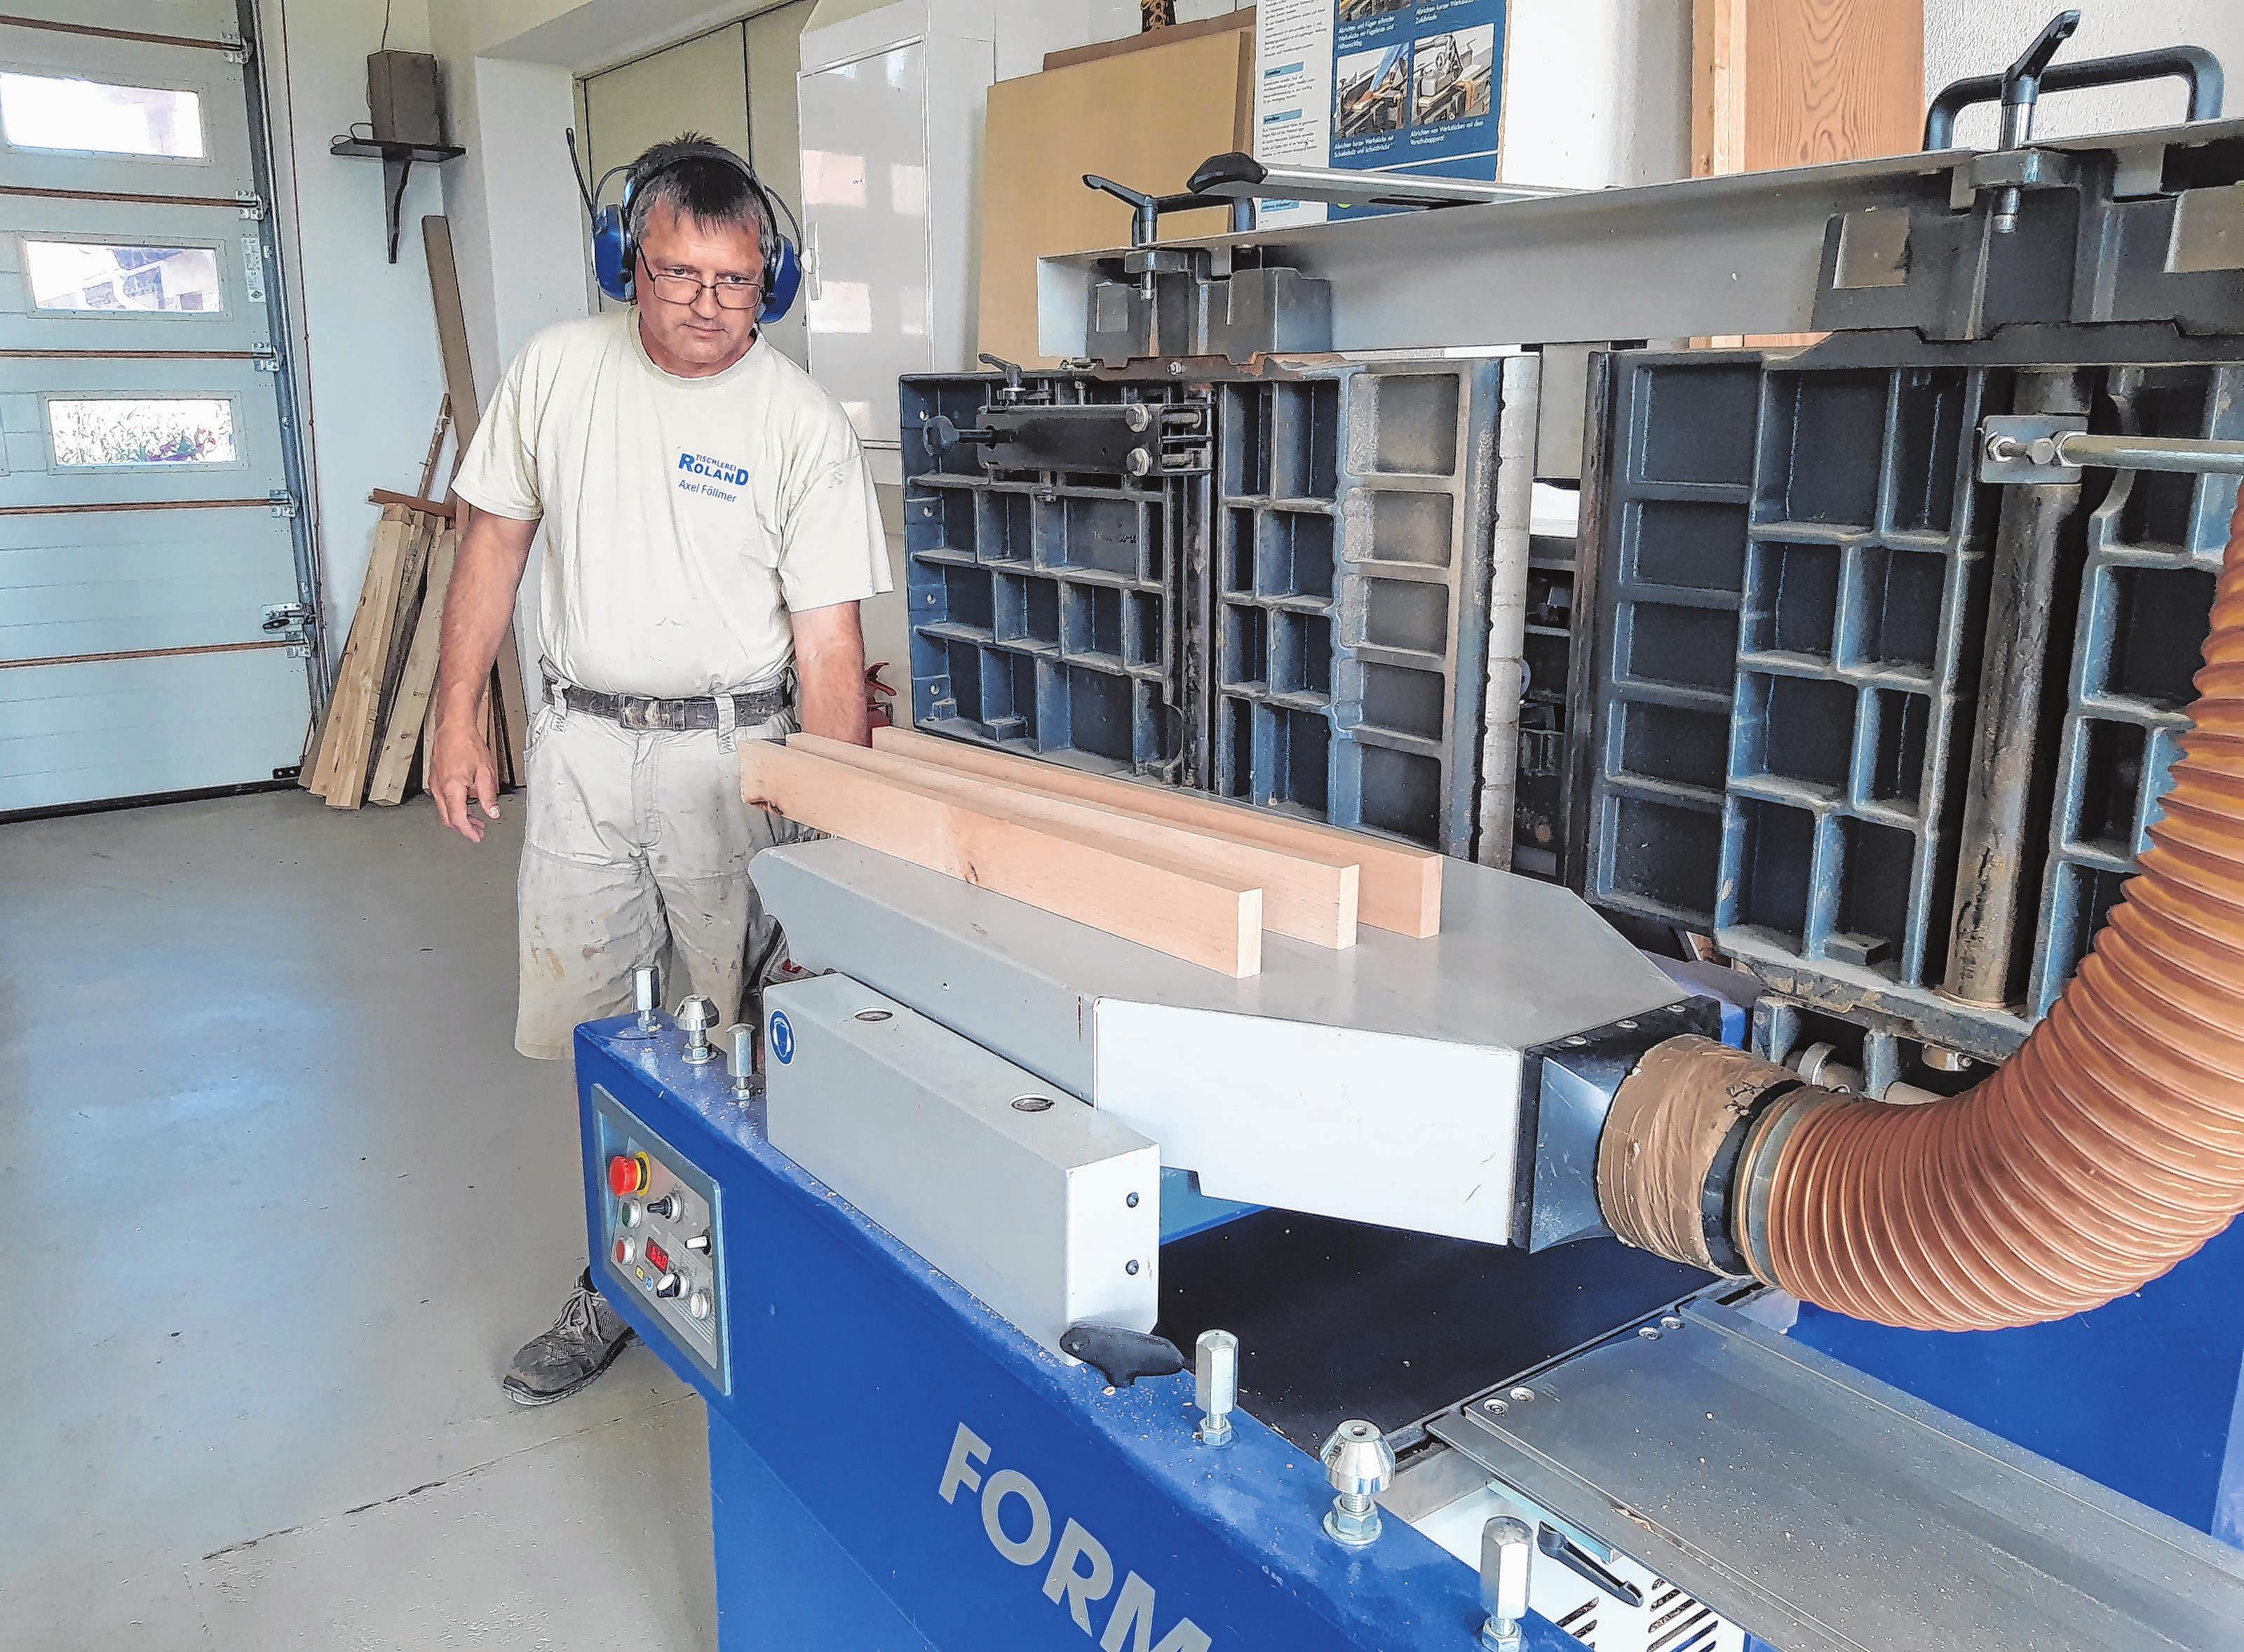 Beim Zuschneiden von Rahmen für ein Möbelstück - Tischler Axel Föllmer